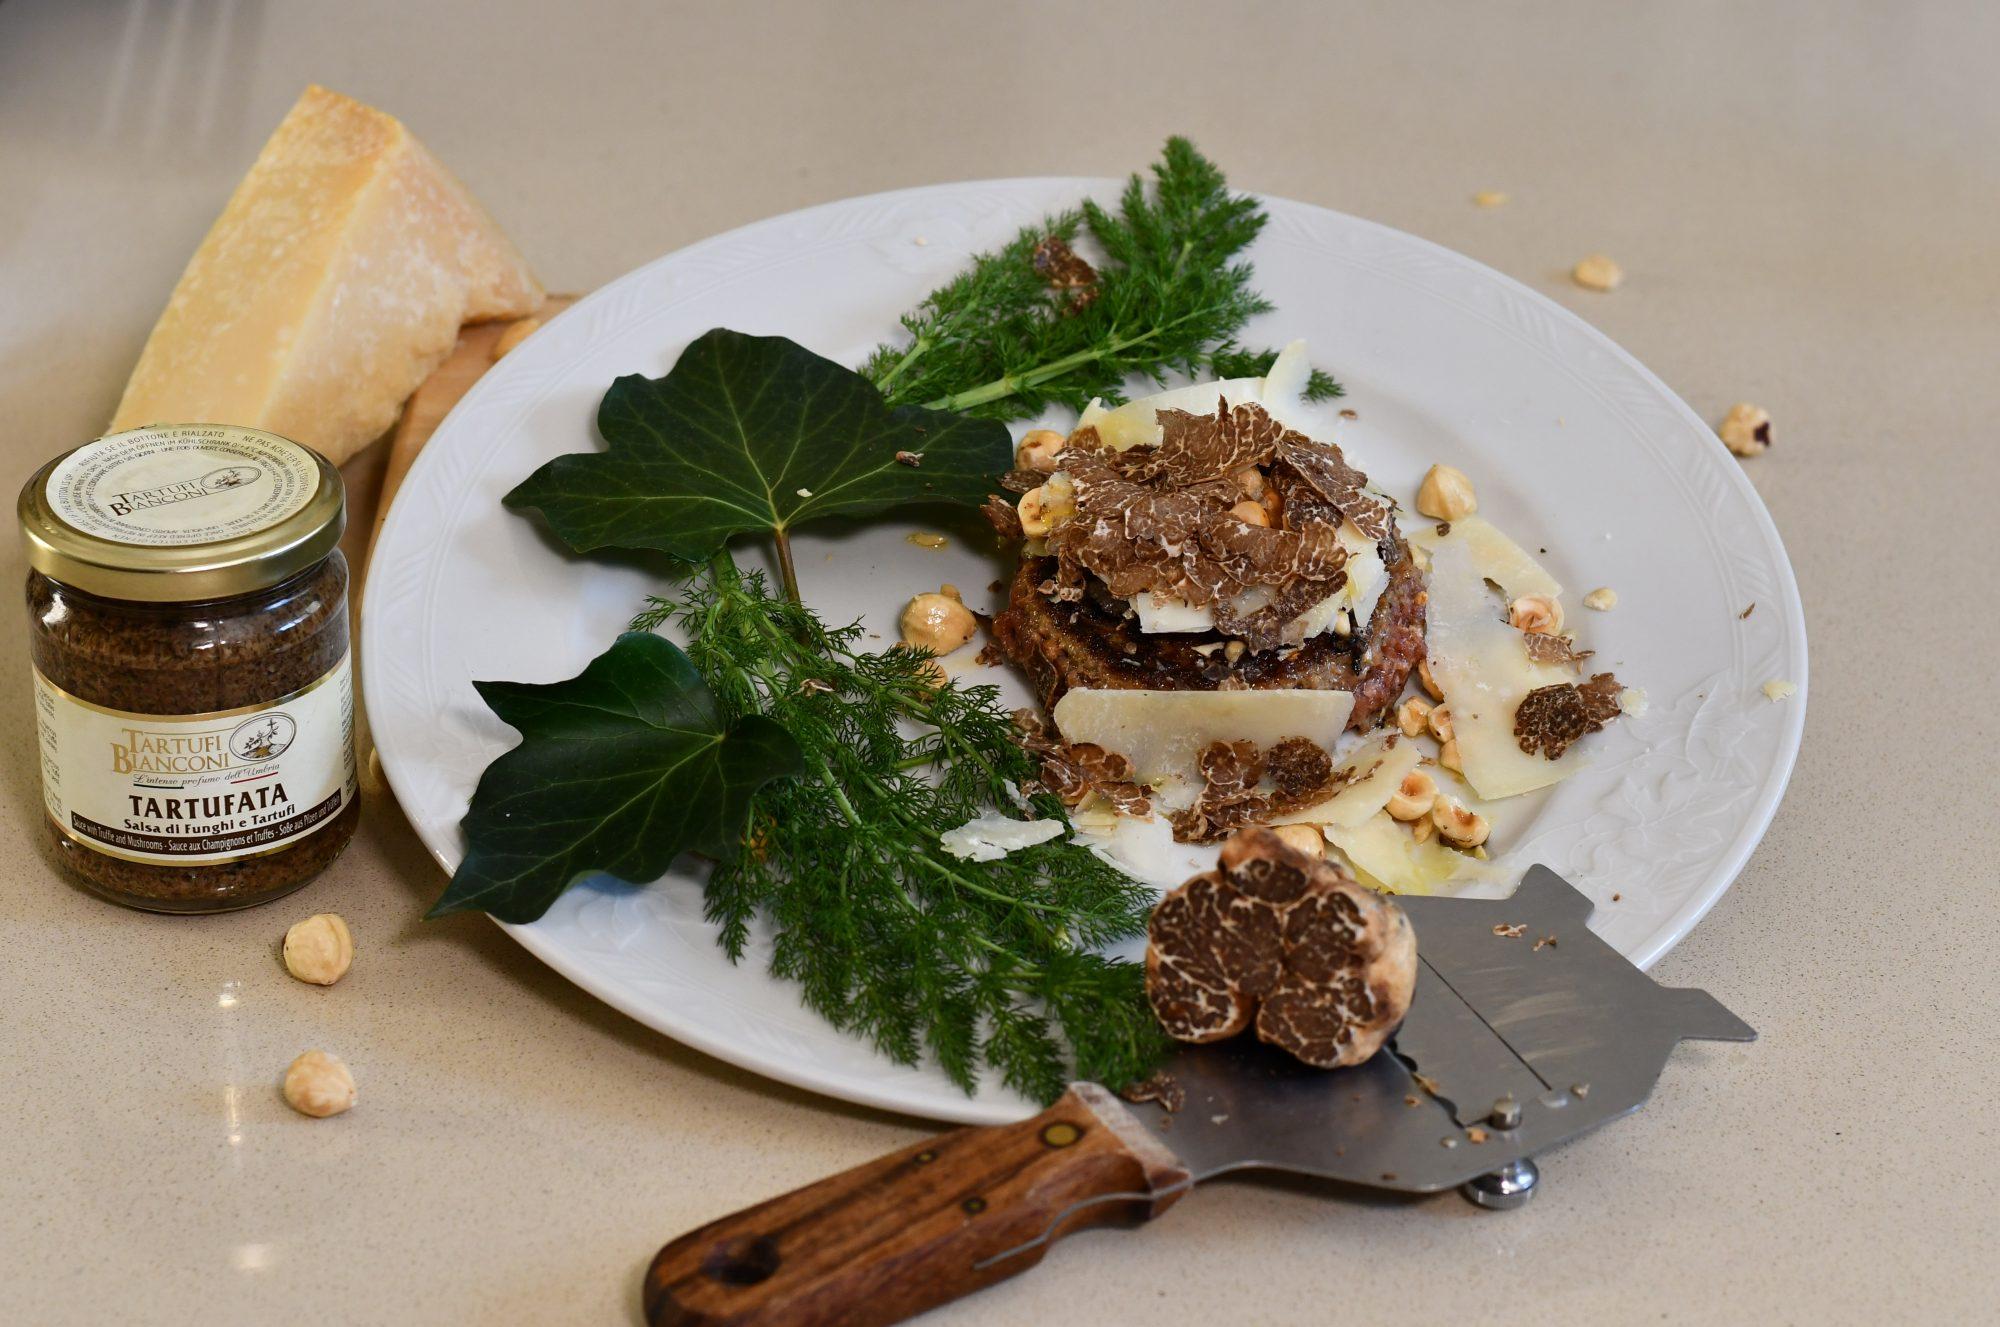 foto hamburgher gourmet al tartufo